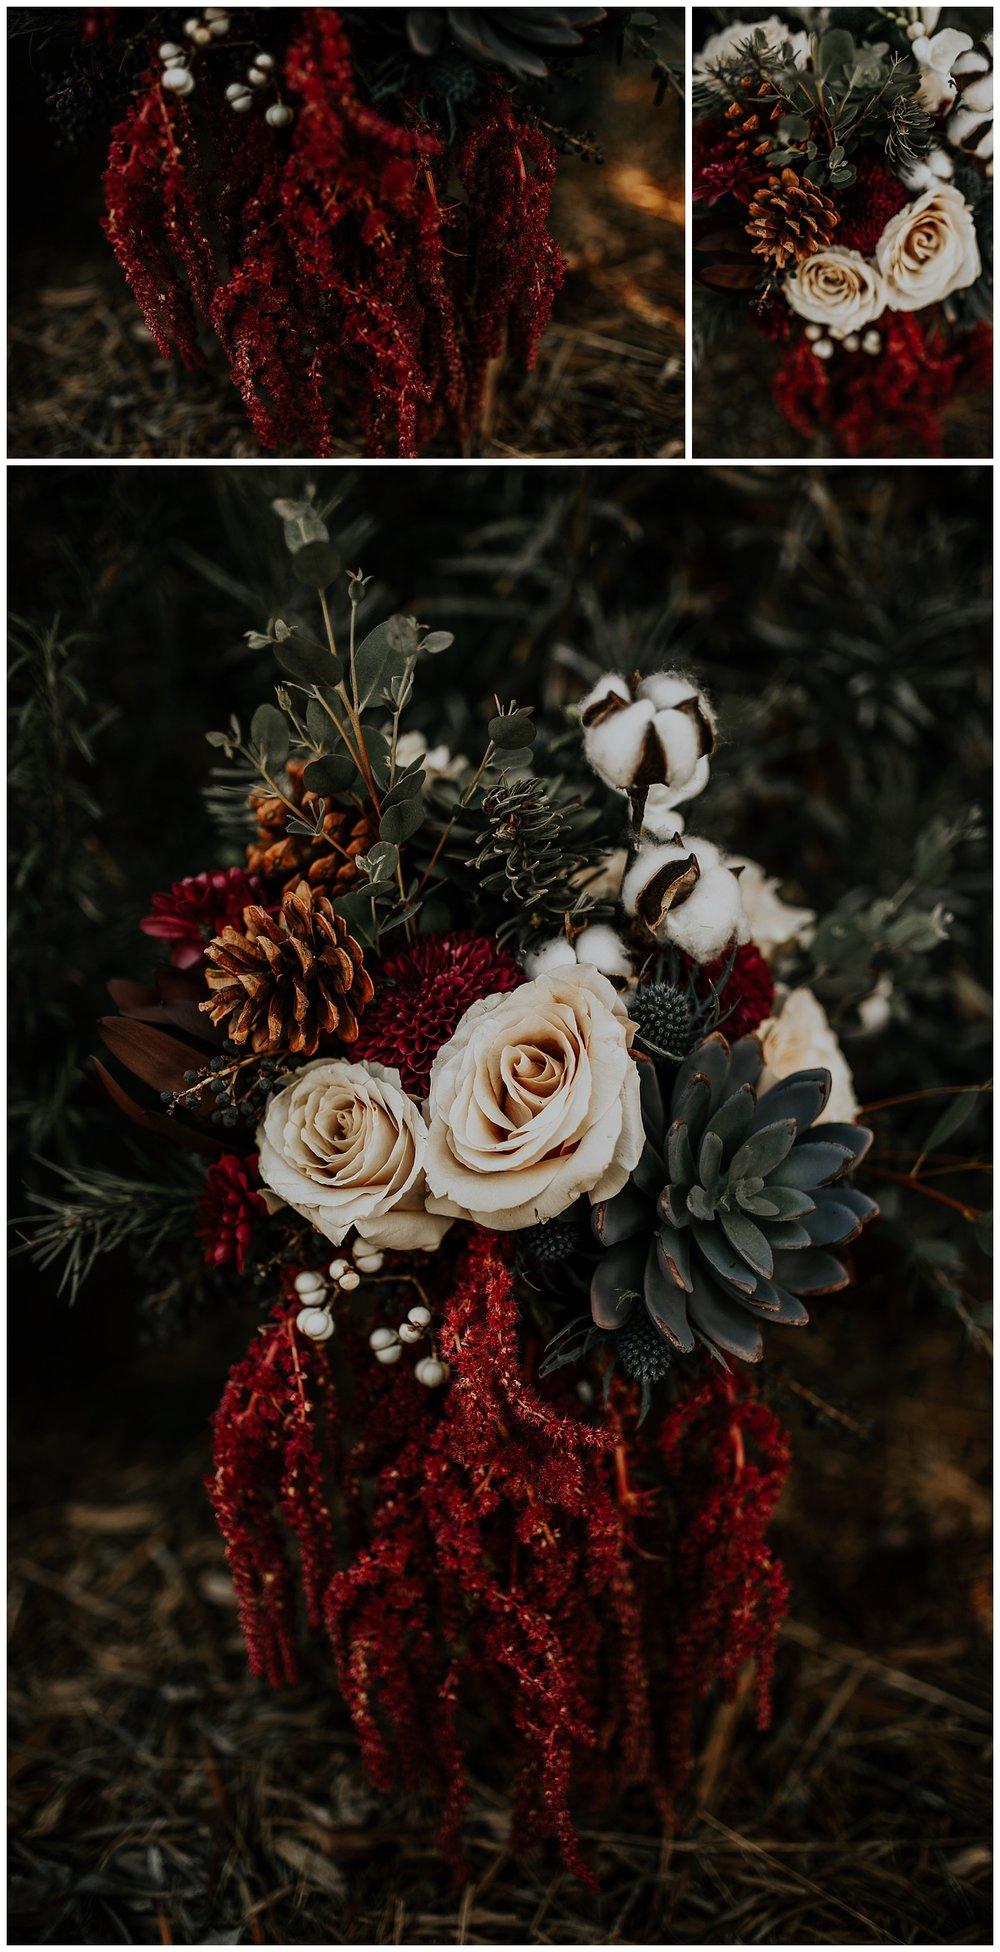 Laken-Mackenzie-Photography-Brownlee-Wedding-Dallas-Fort-Worth-Wedding-Photographer05.jpg